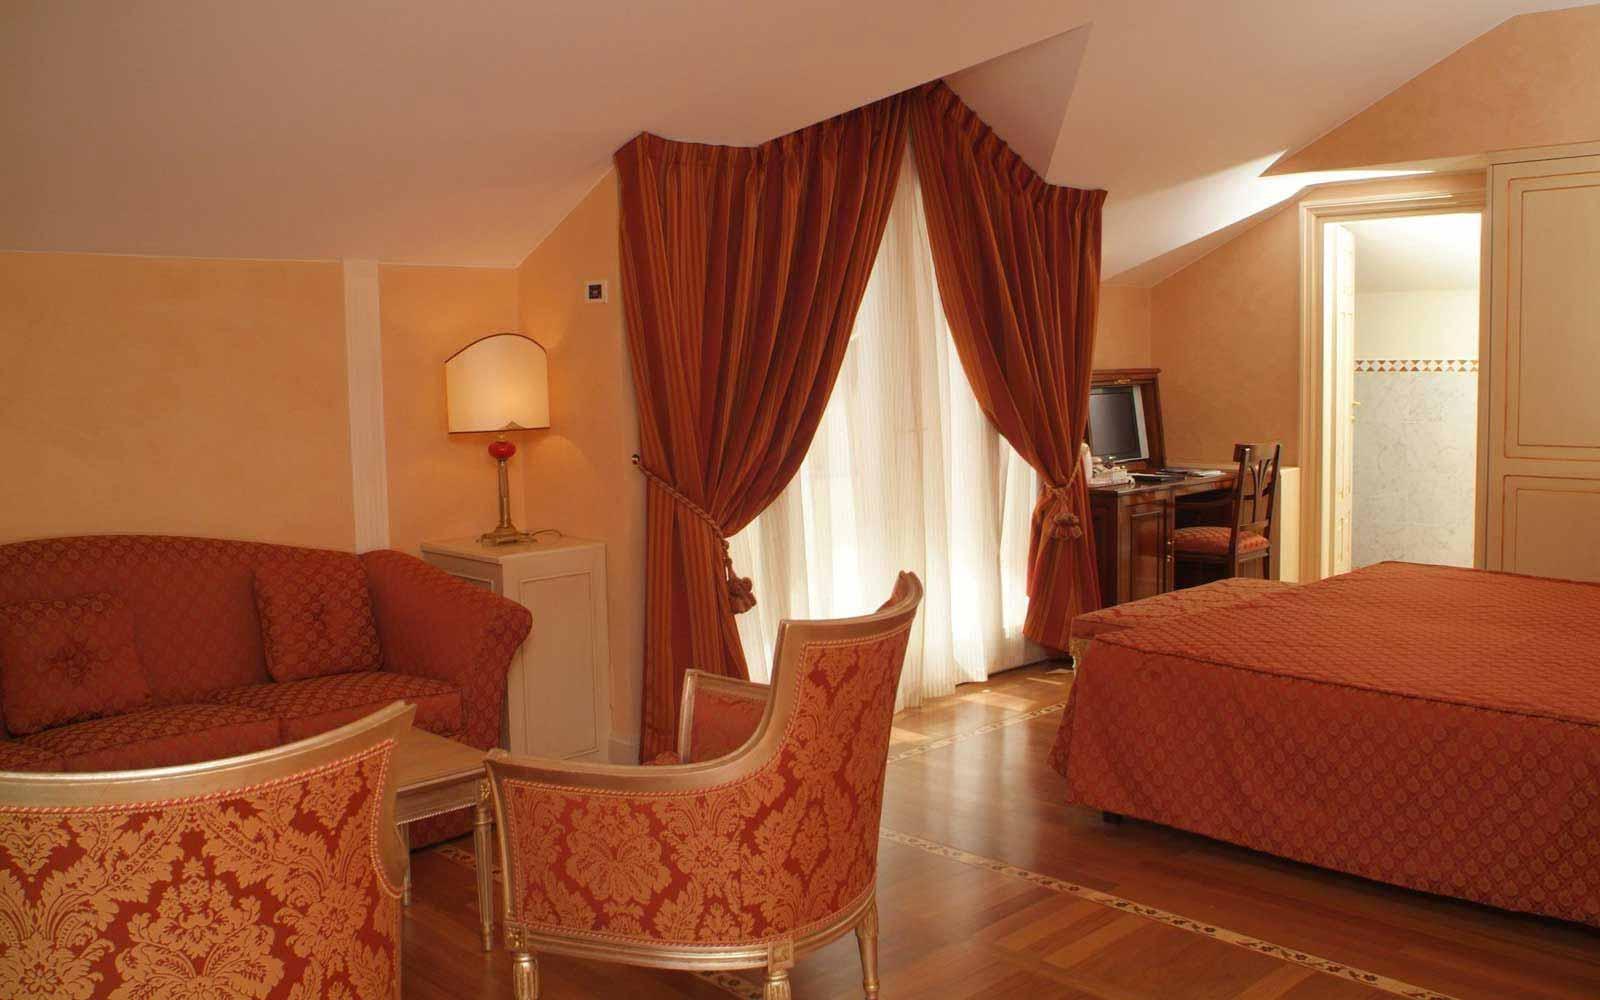 Junior suite at Grand Hotel Imperiale